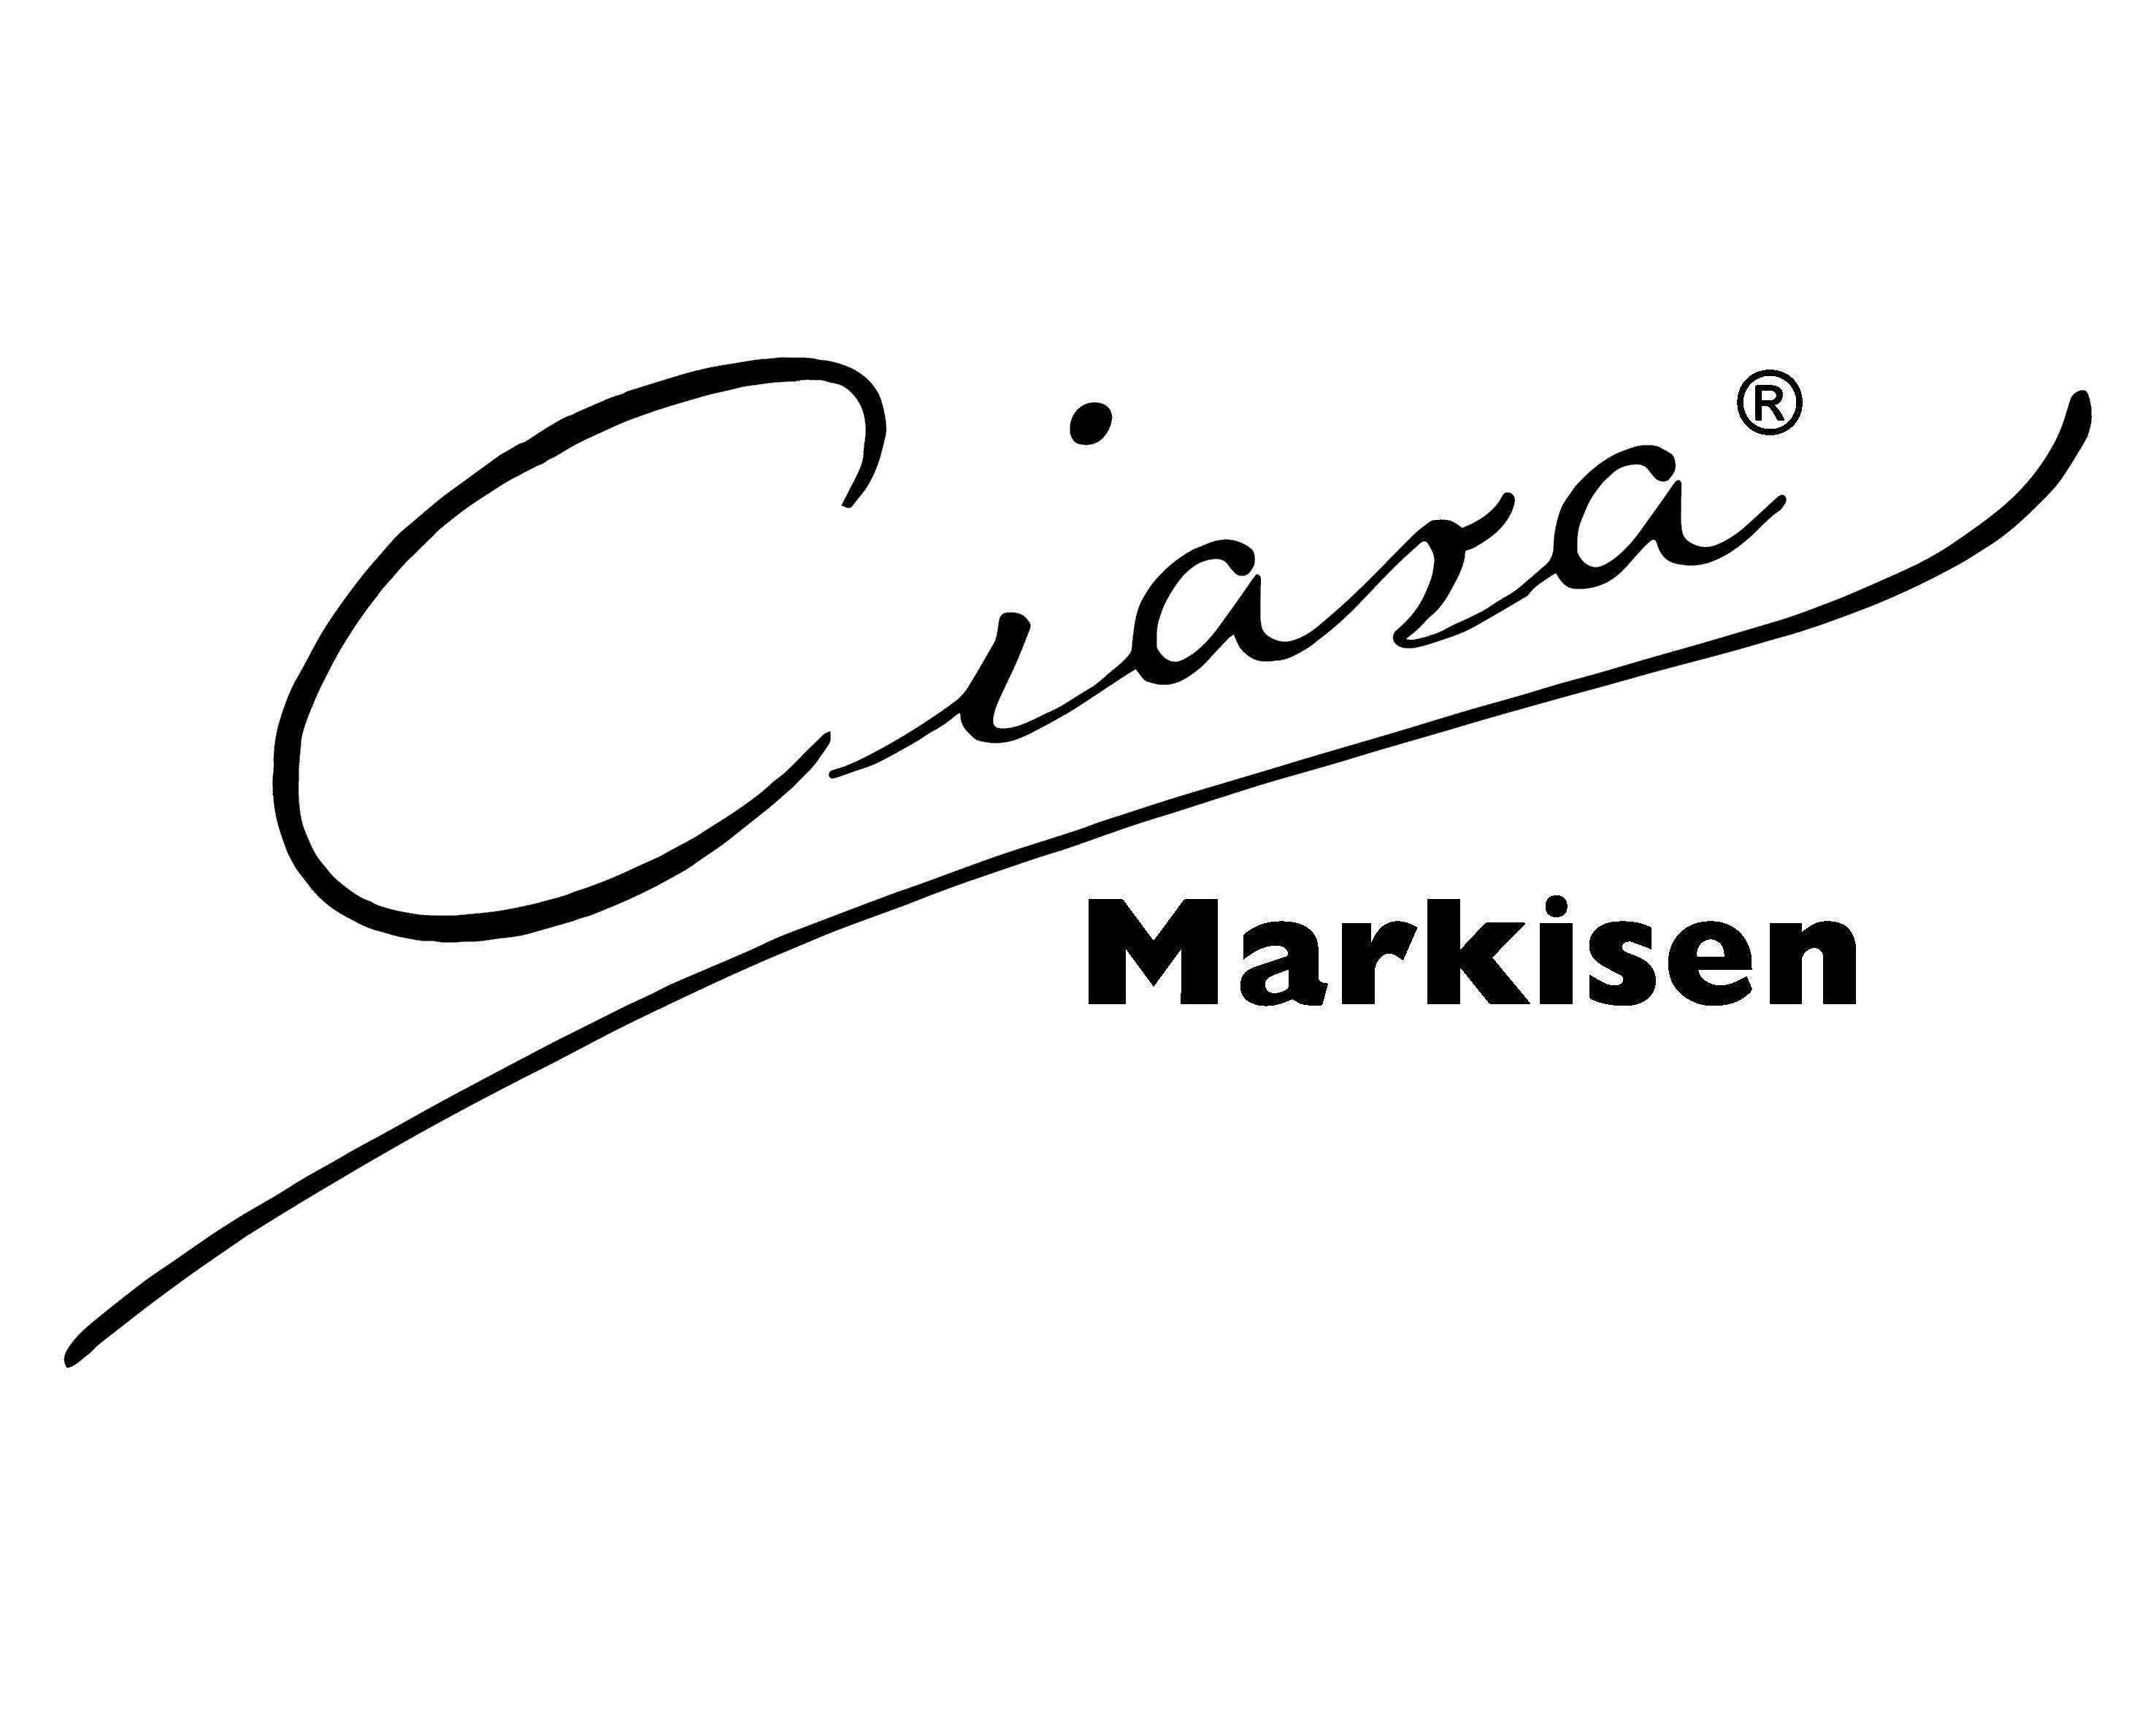 Ciara-Markisen